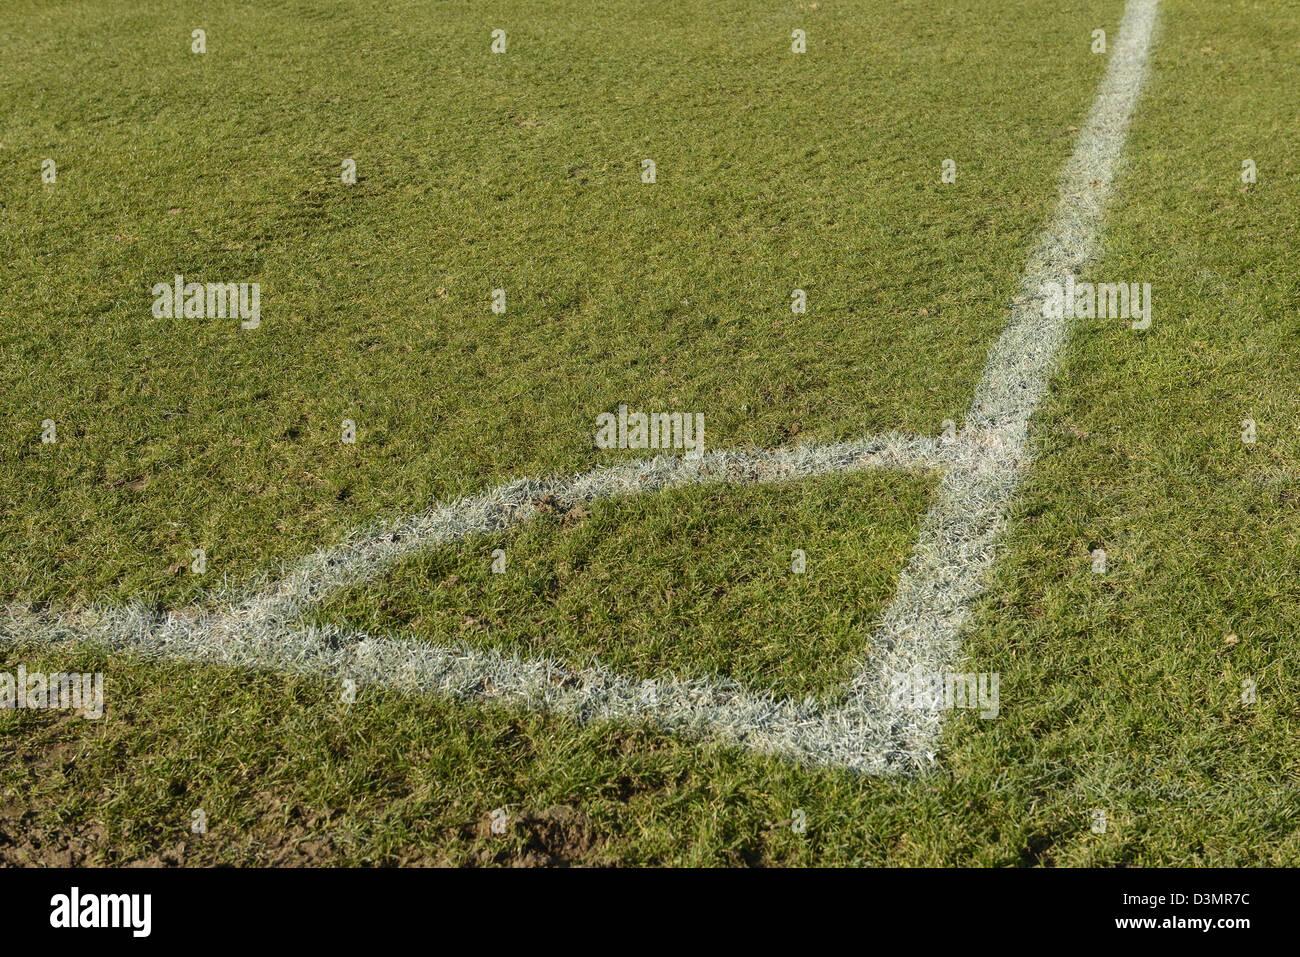 Campo de fútbol de marcado de la esquina Foto de stock